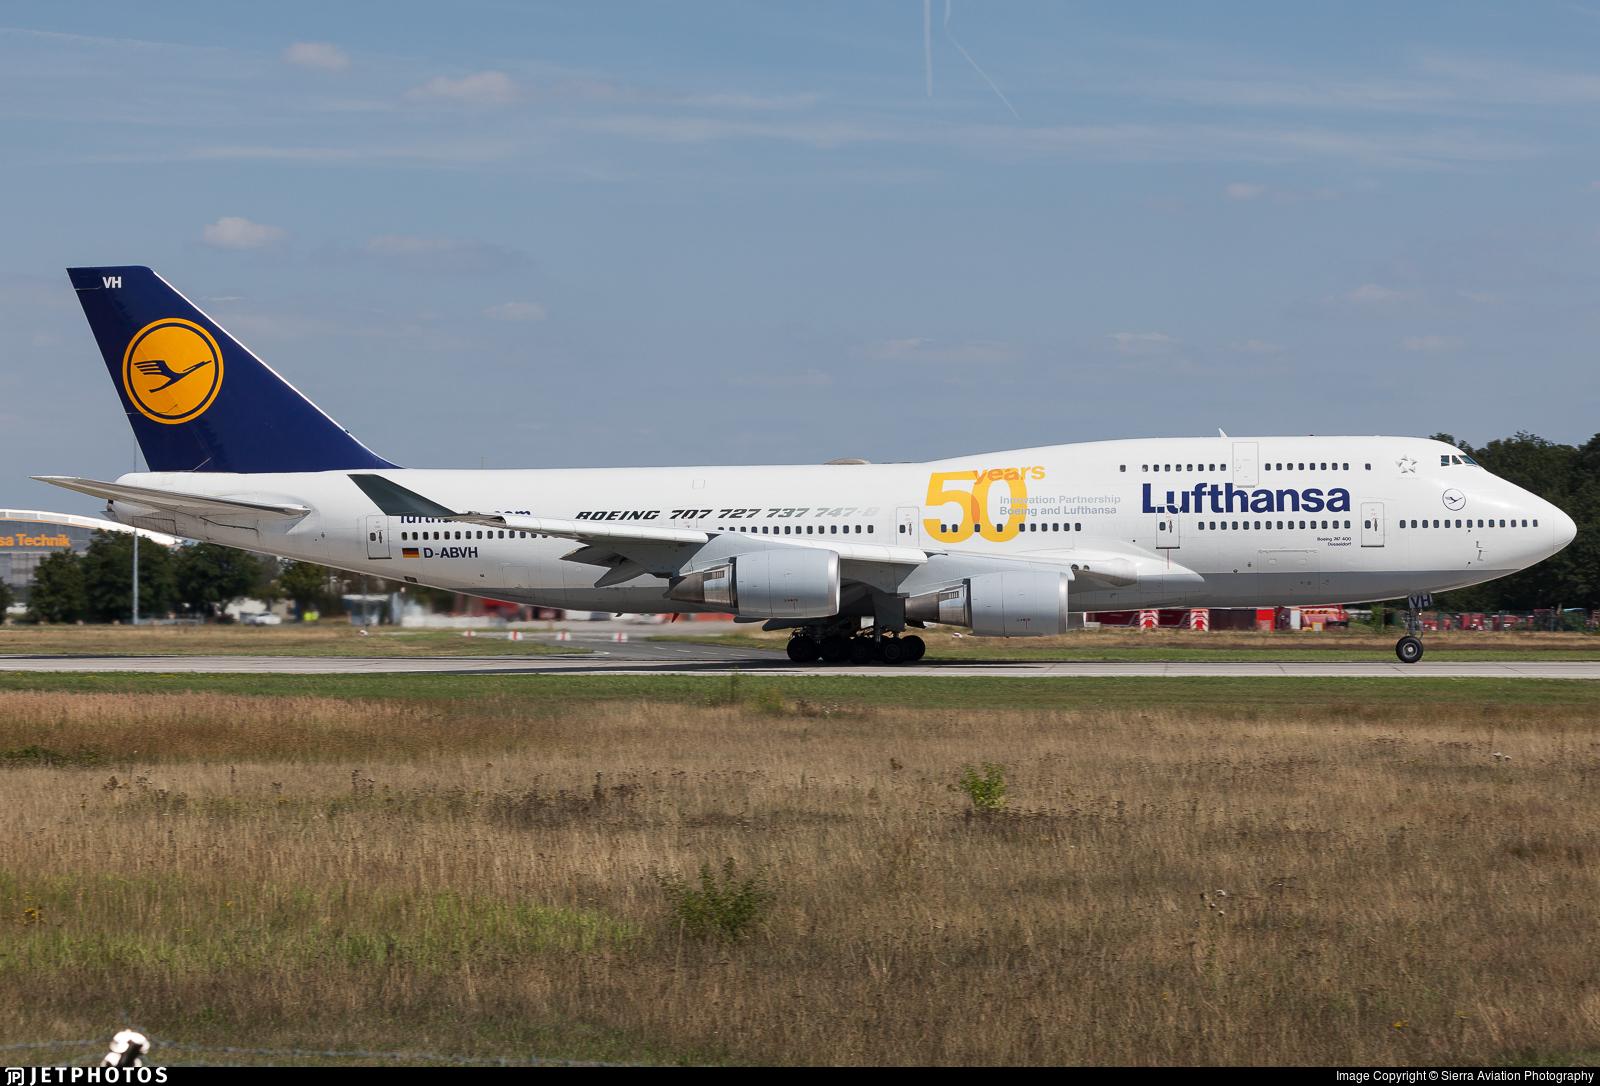 D-ABVH - Boeing 747-430 - Lufthansa